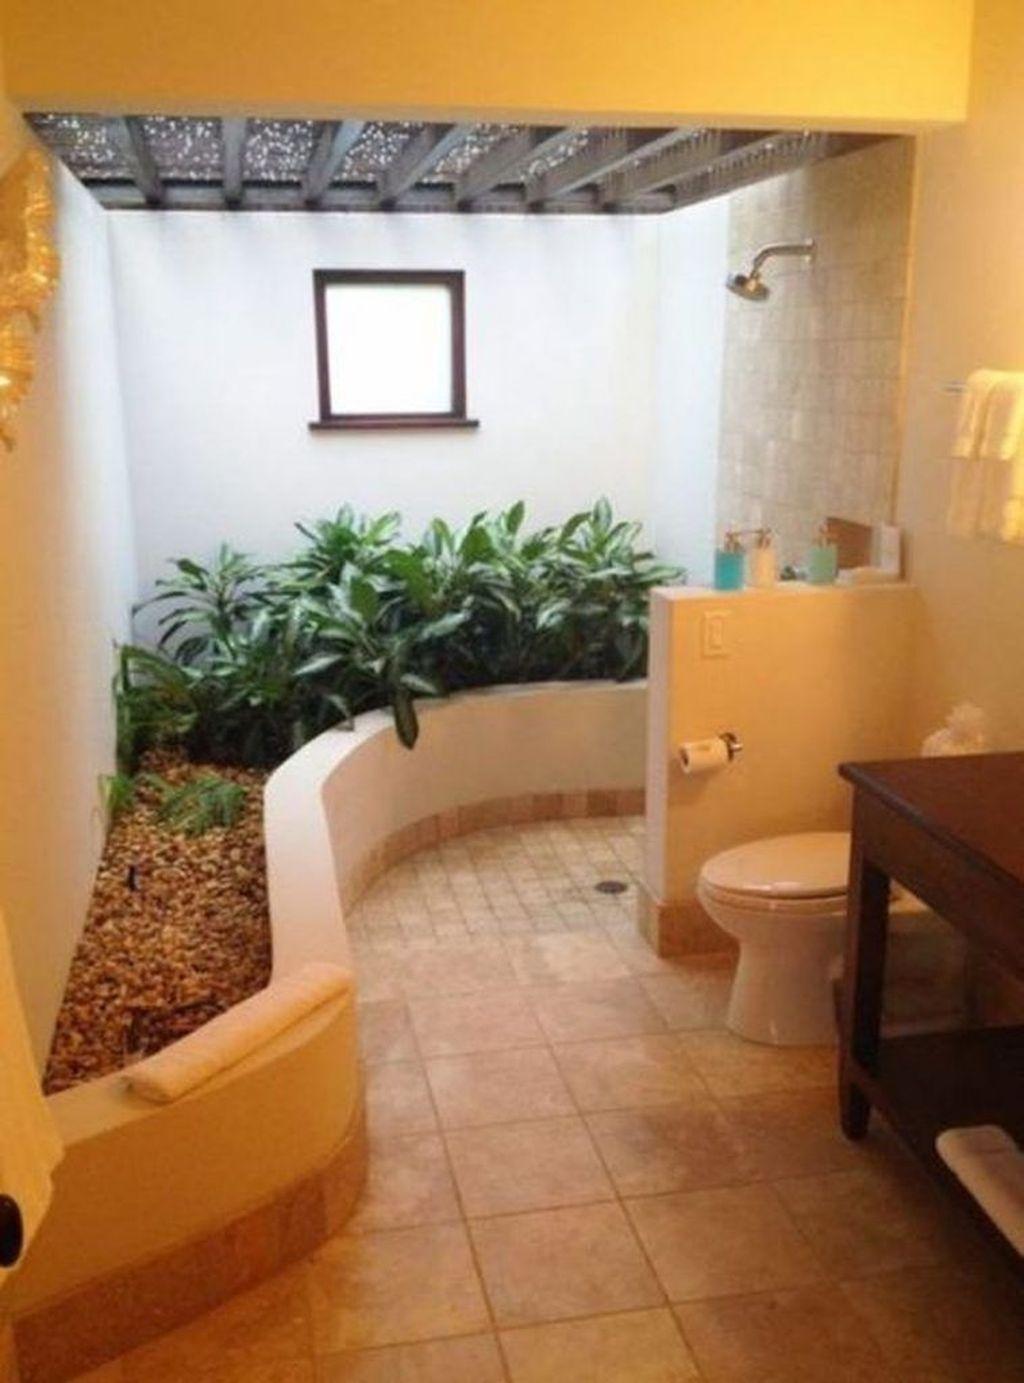 Inspiring Jungle Bathroom Decor Ideas 13